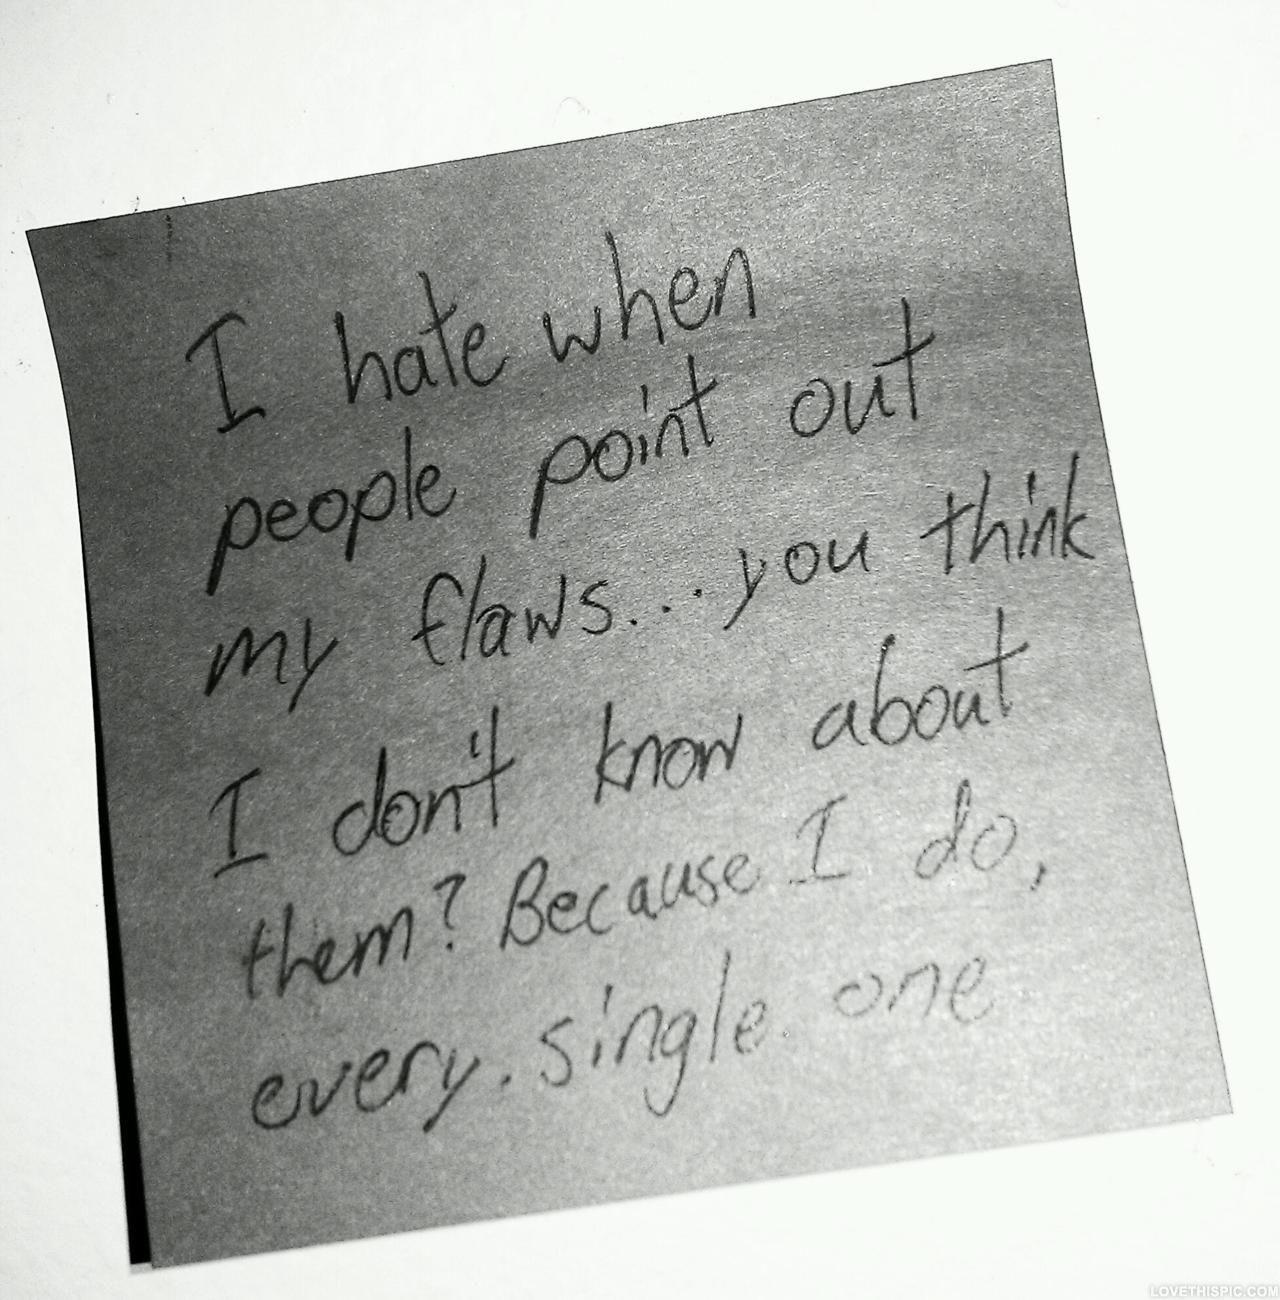 Being single is making me depressed